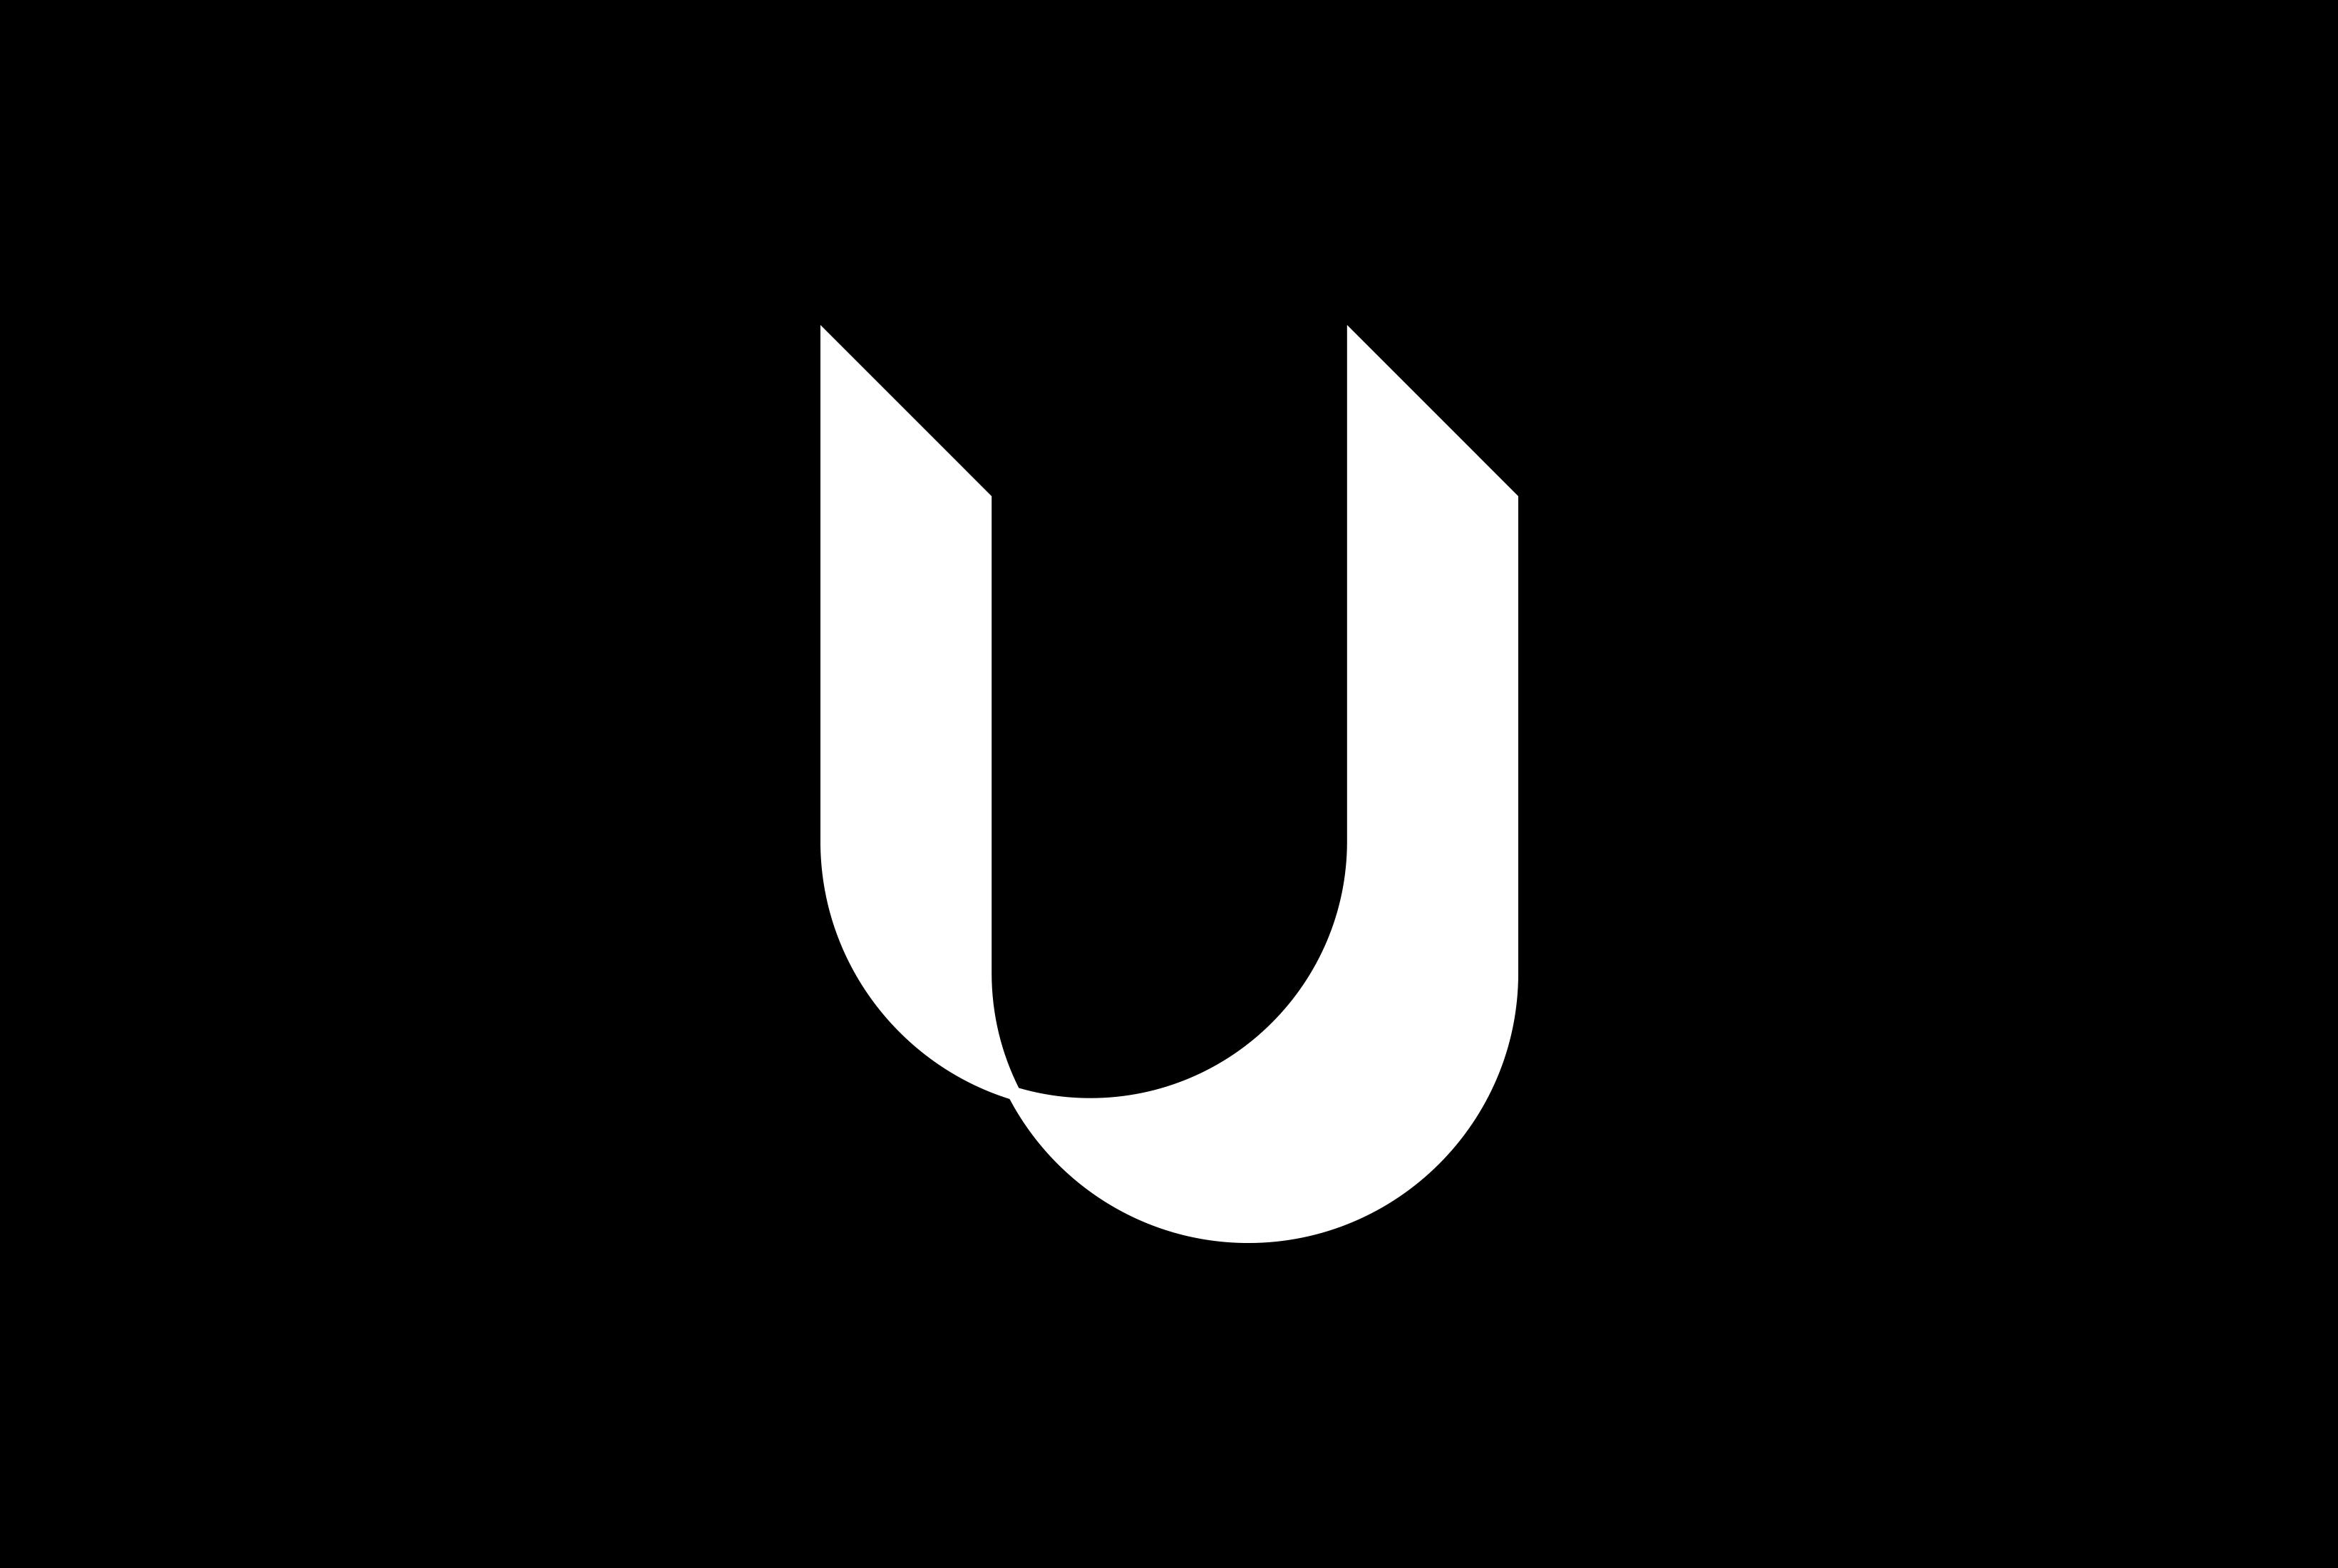 Cover image: UBANK